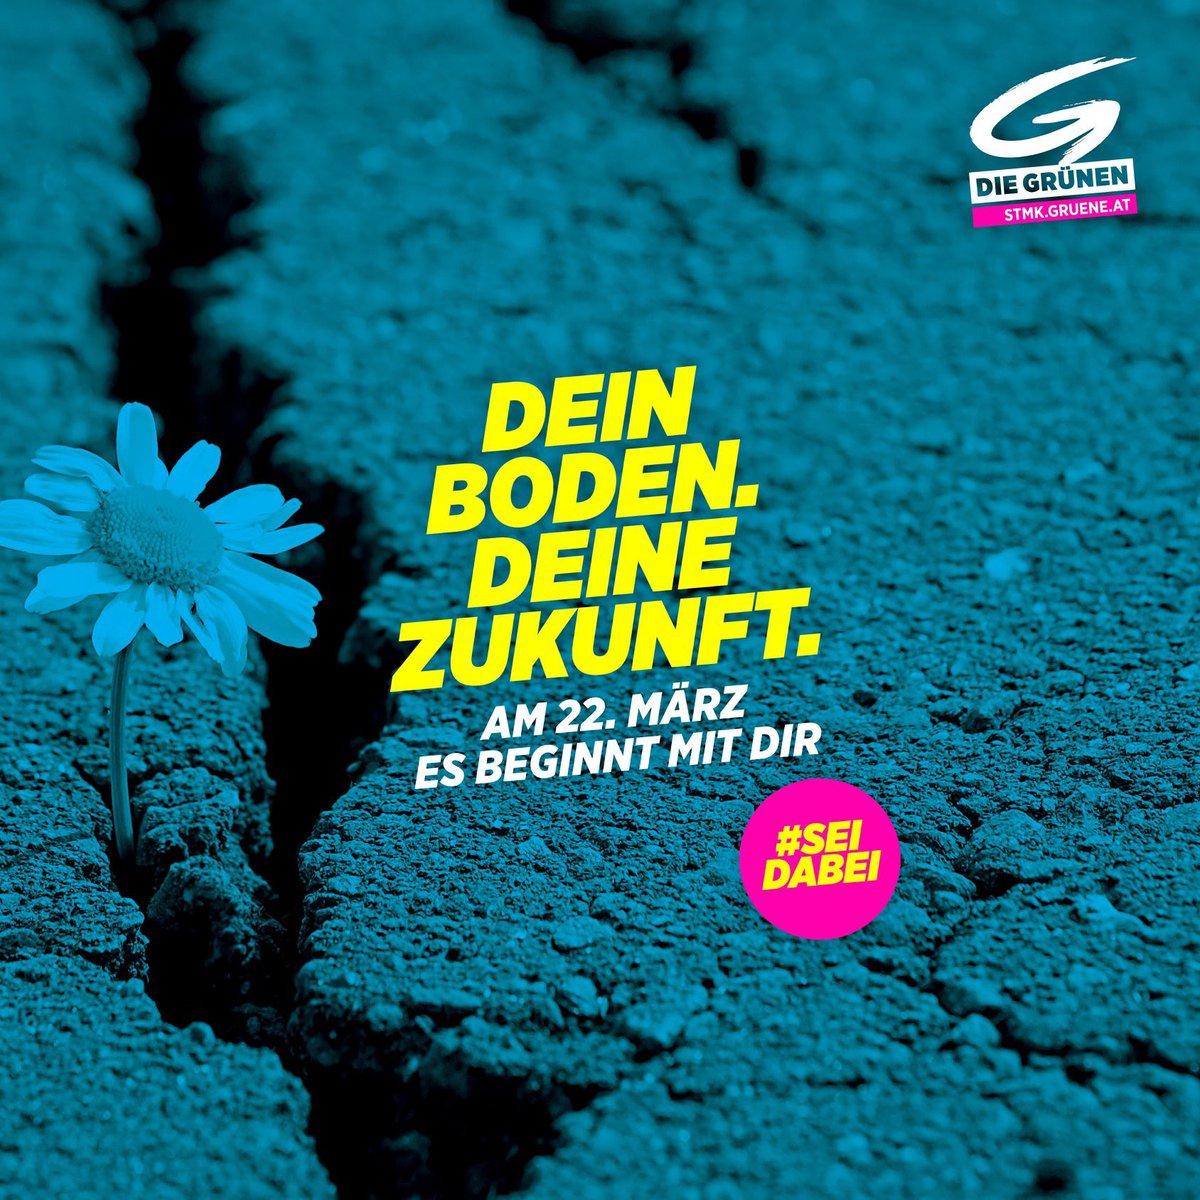 Am 22. März liegt es in deiner Hand : Machen wir gemeinsam Klima- und Umweltschutz in deiner Gemeinde stark.  Denn es ist deine Gemeinde, es ist deine Zukunft. #esbeginntmitdir #Steiermark #grw2020pic.twitter.com/kFTfB9NRpC